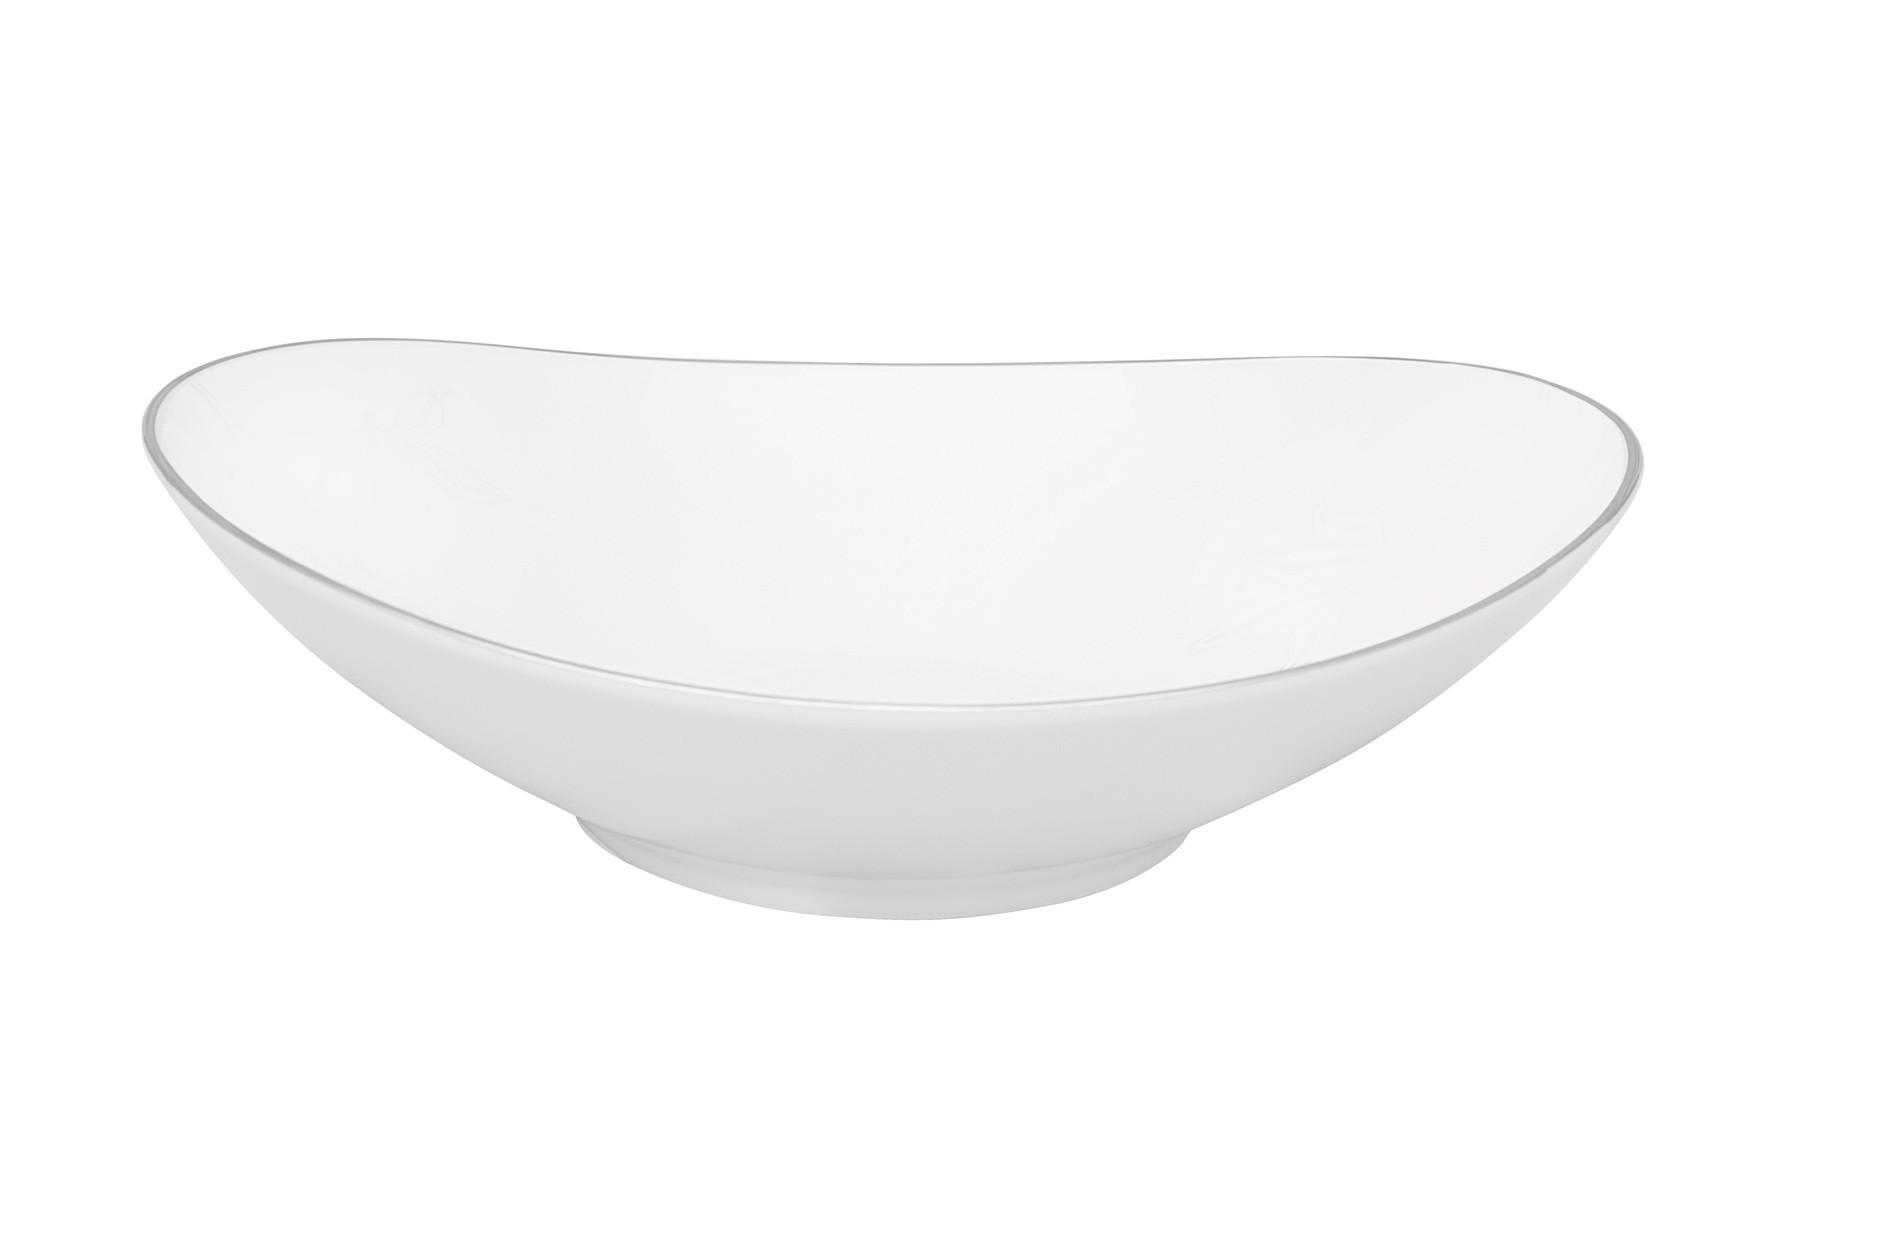 Σαλατιέρα Genesis Line 28cm Ionia home   ειδη σερβιρισματος   μπολ   σαλατιέρες